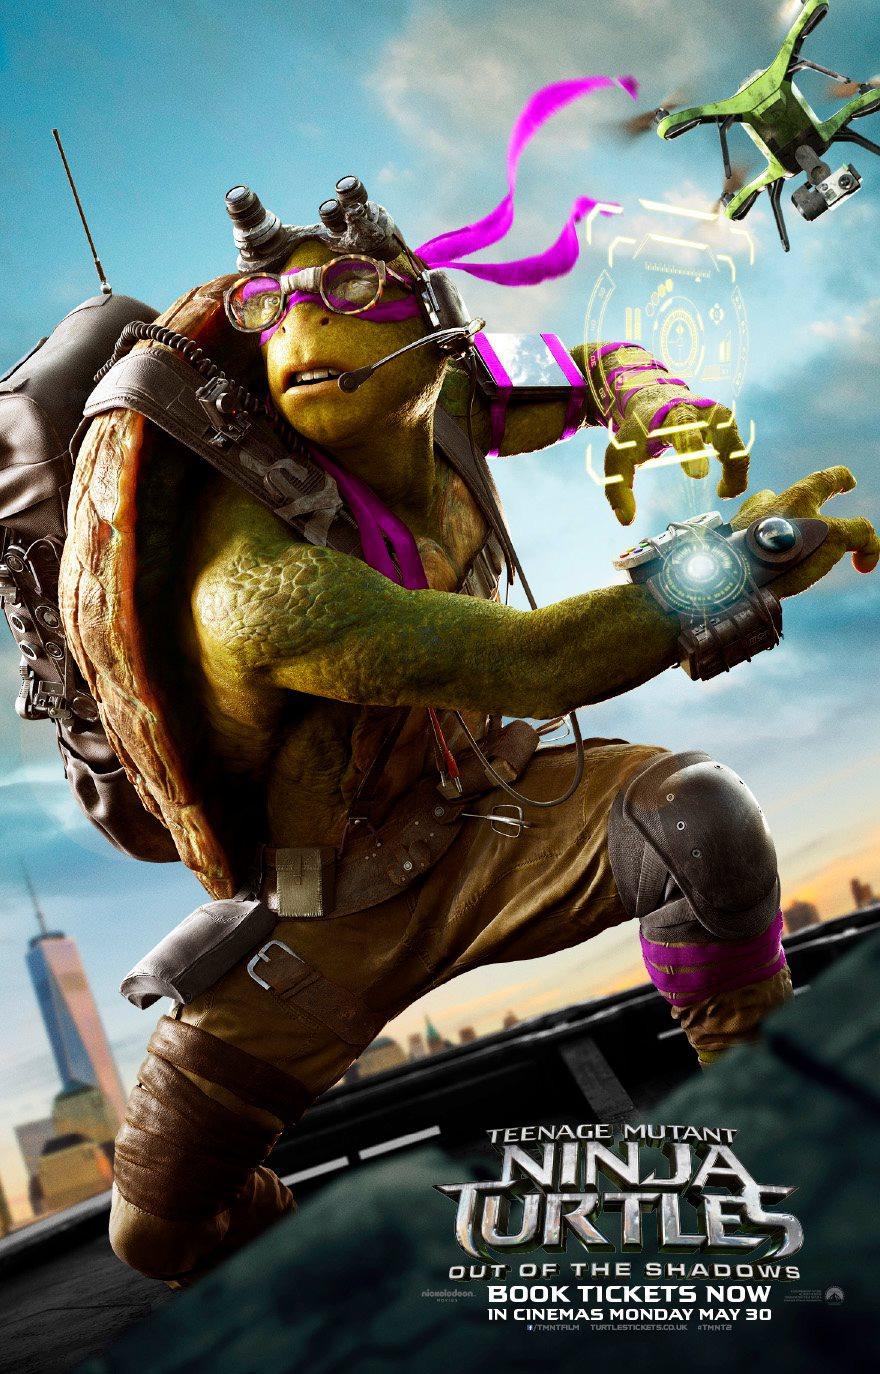 Ninja Turtles 2 Trailer